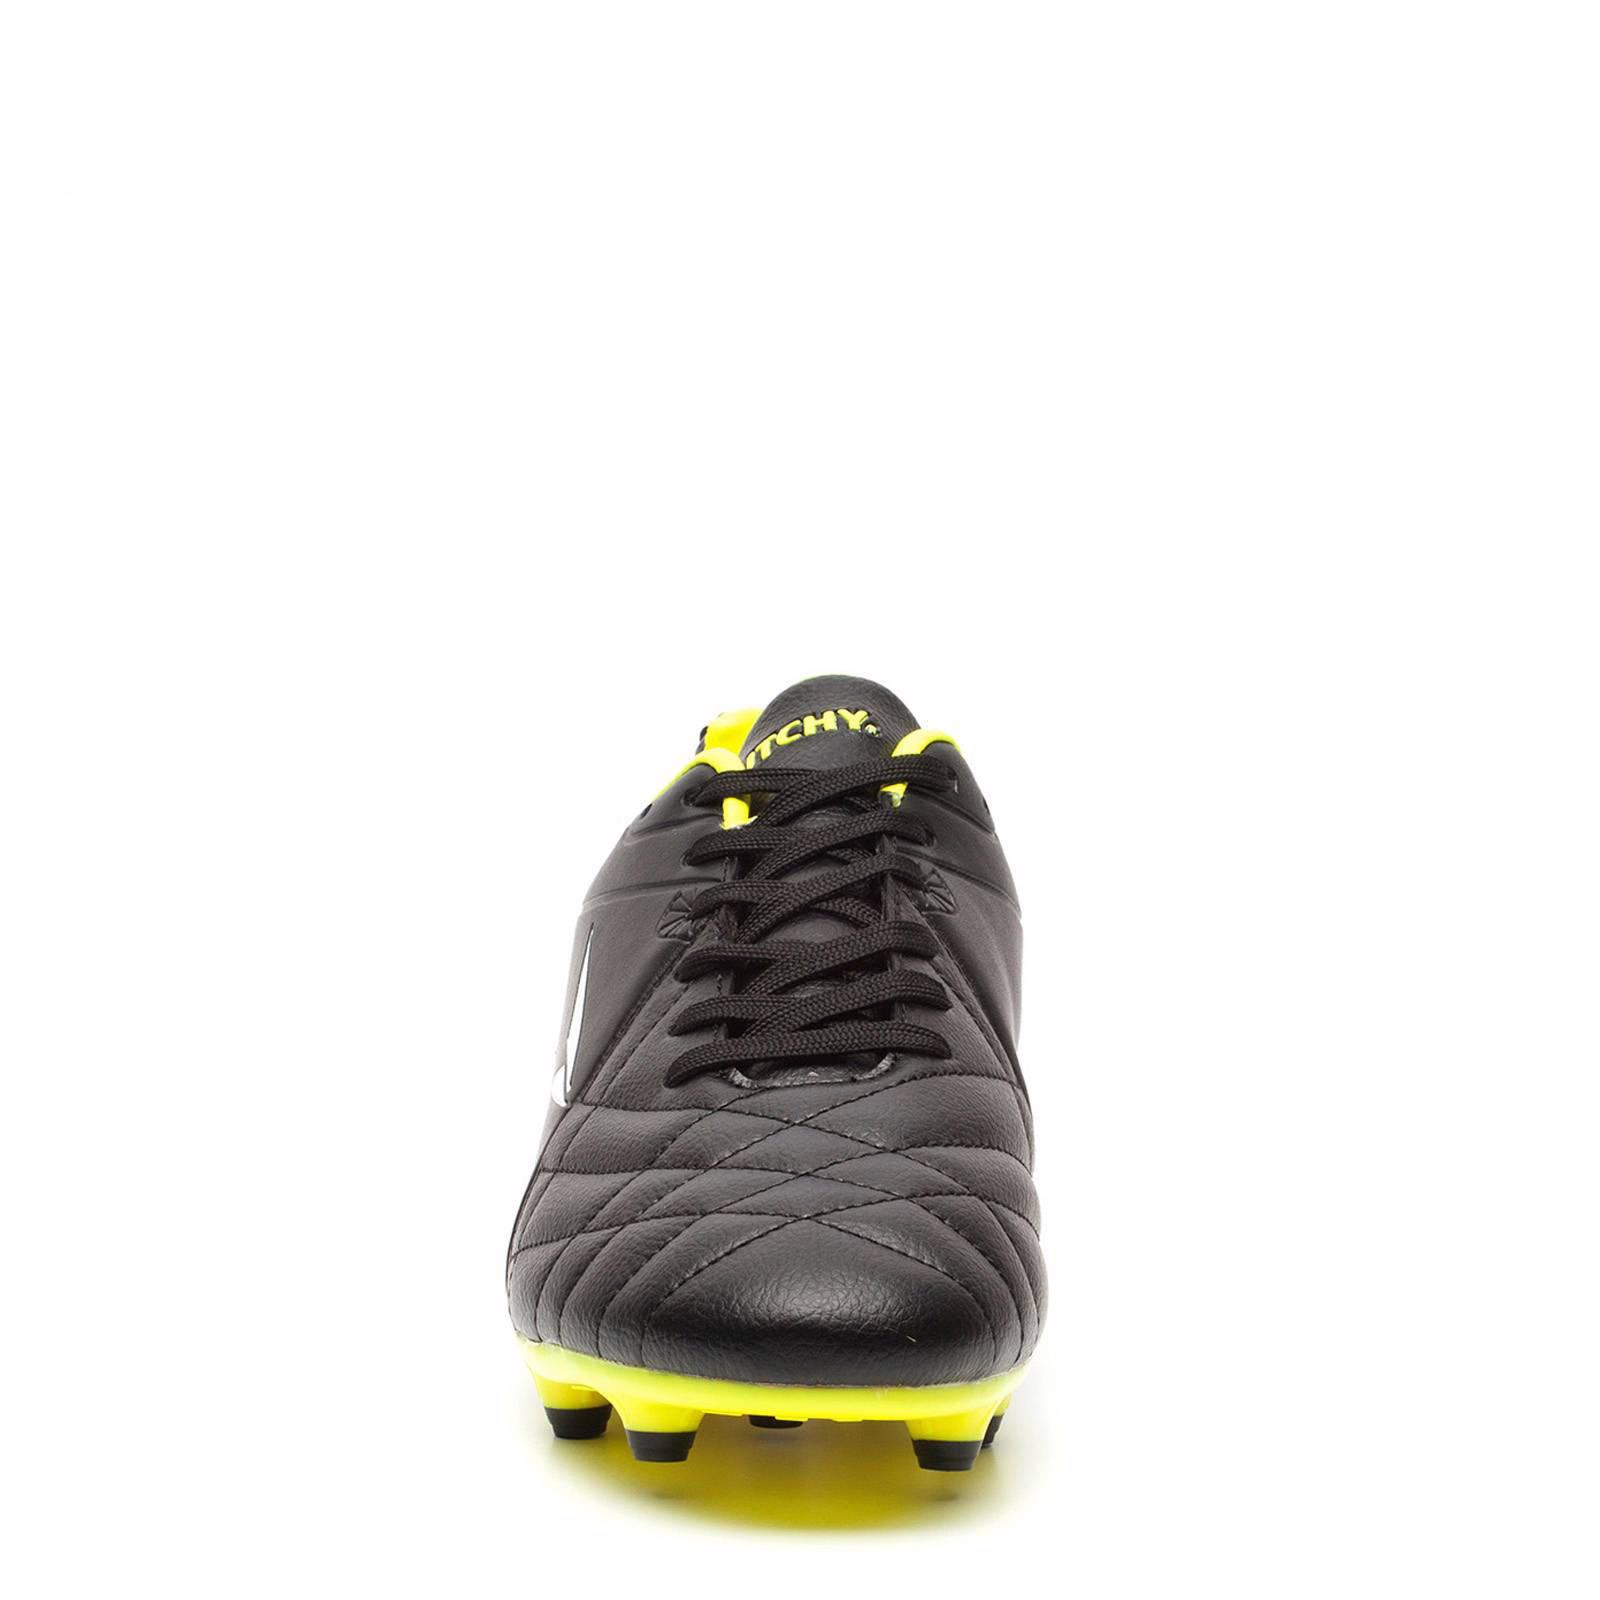 b2fd35d6274 scapino-dutchy-basic-fg-voetbalschoenen-heren-zwart-8718907485098.jpg